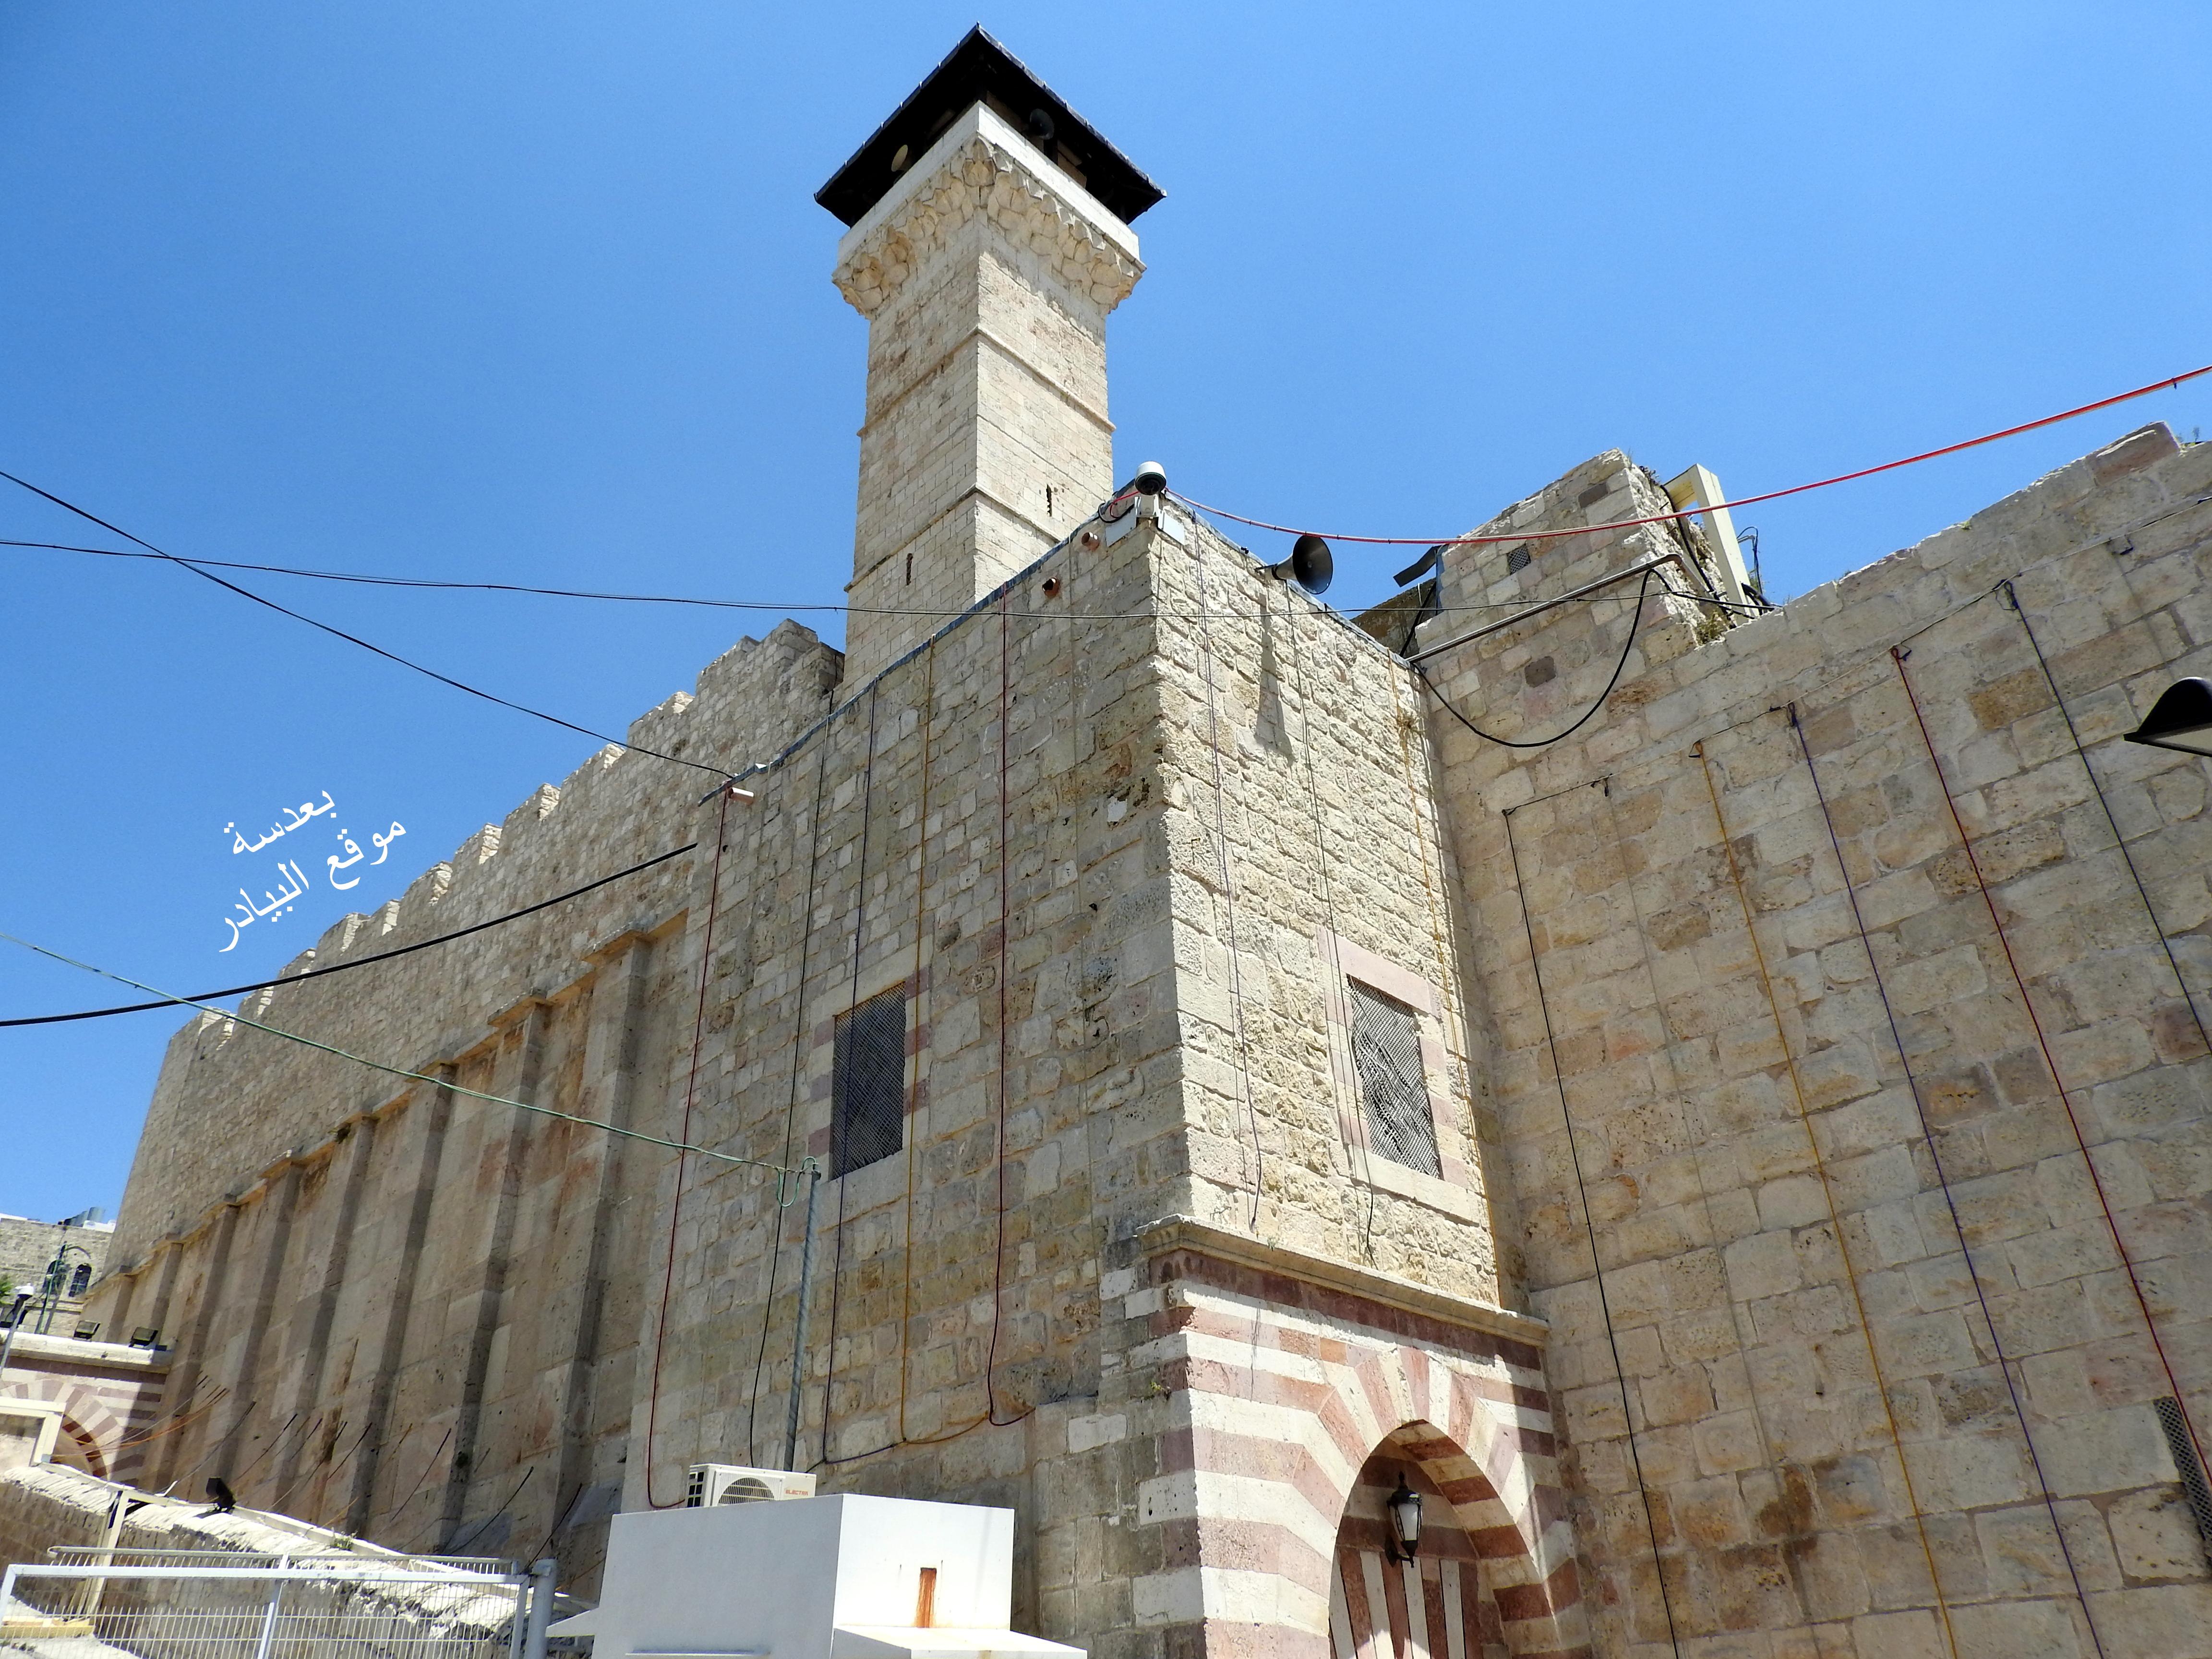 مجلس كوكب ابو الهيجاء المحلي - قسم المعارف +قسم النساء:رحلة زوجية الى منطقة القدس والخليل